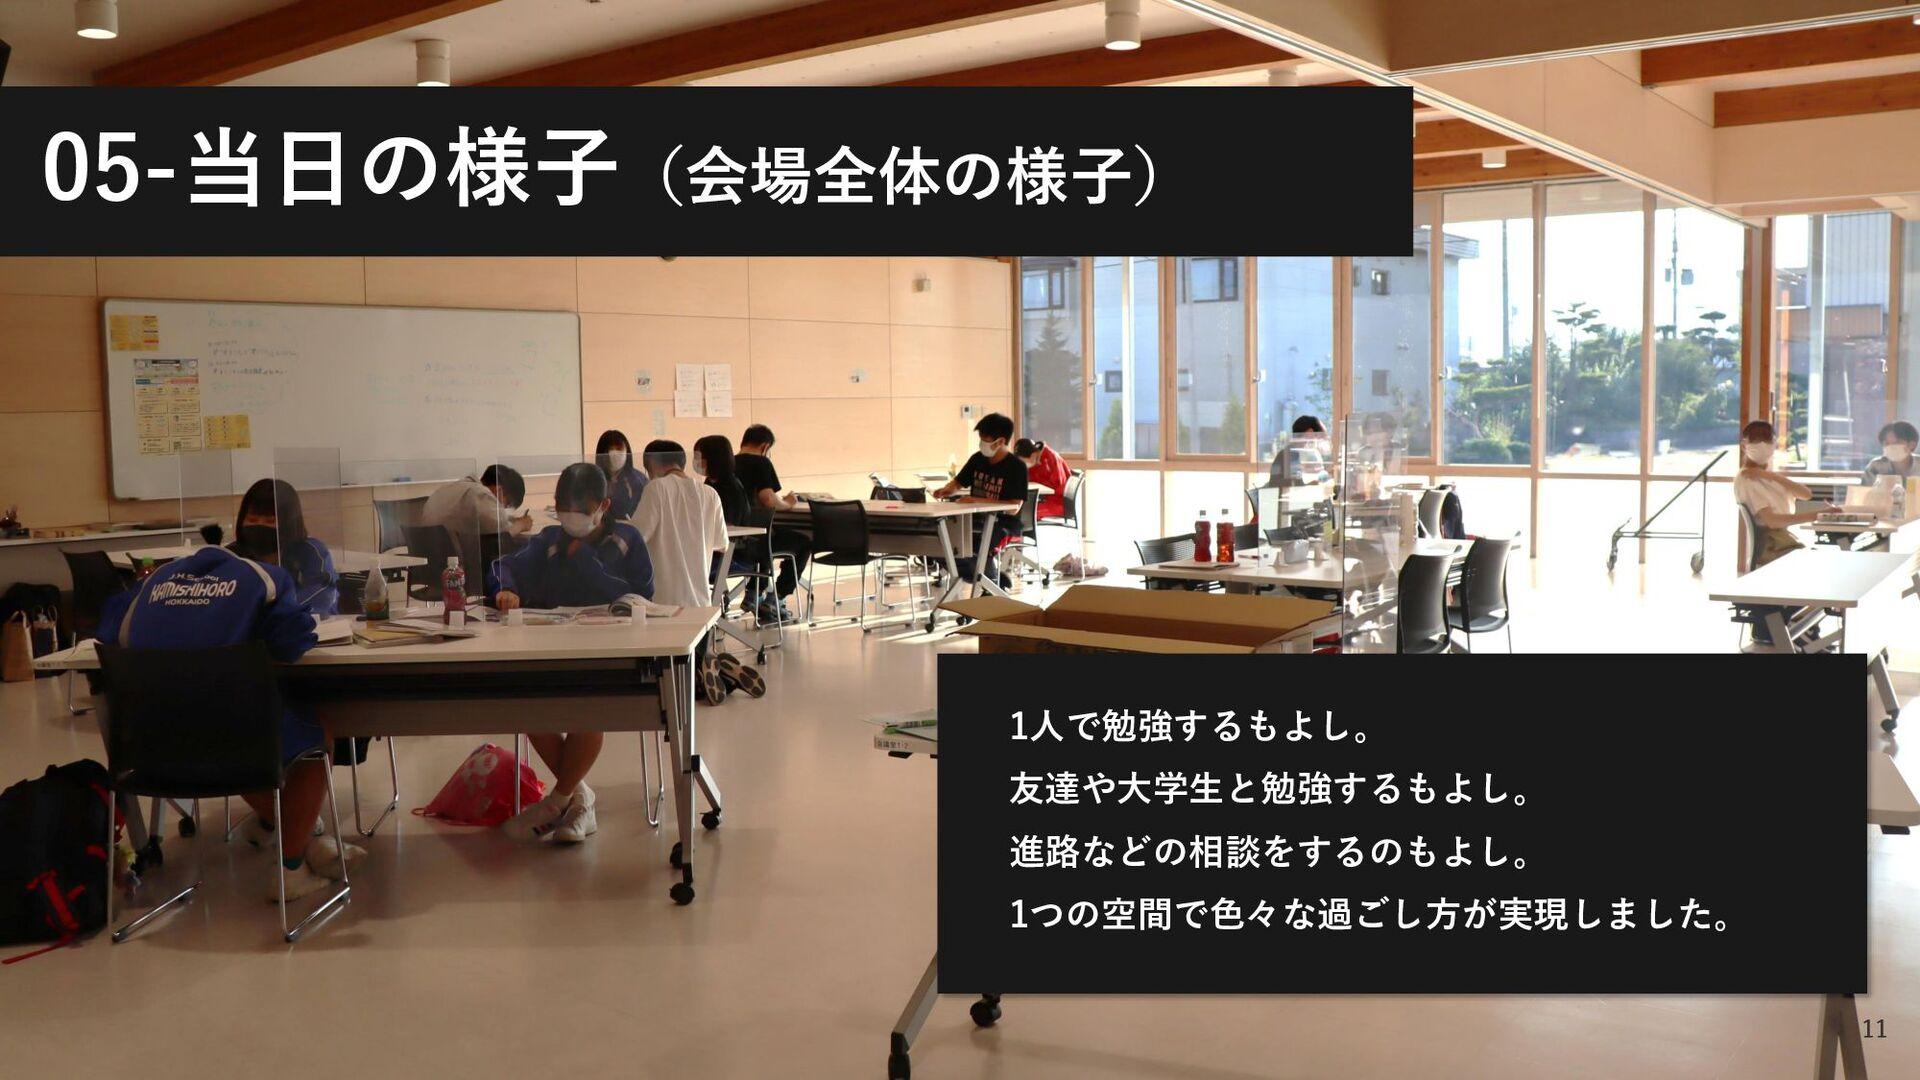 ©2021 Terakoya for tomorrow Inc. 11 05-当日の様子(会場...